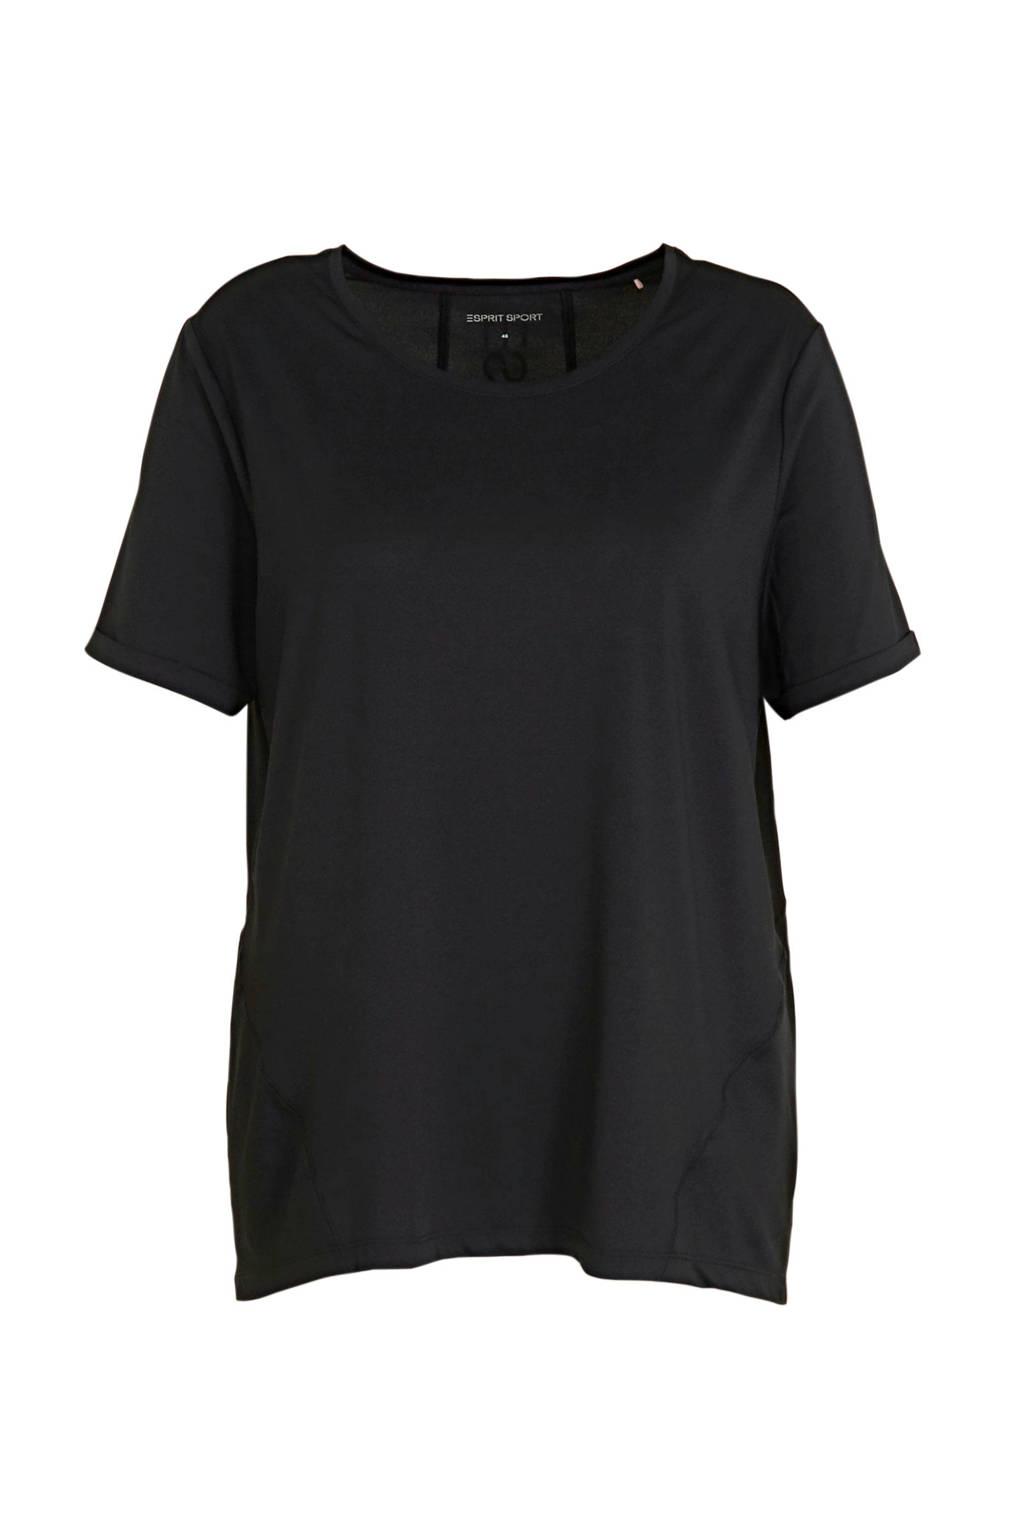 ESPRIT Women Sports Plus Size T-shirt zwart, Zwart